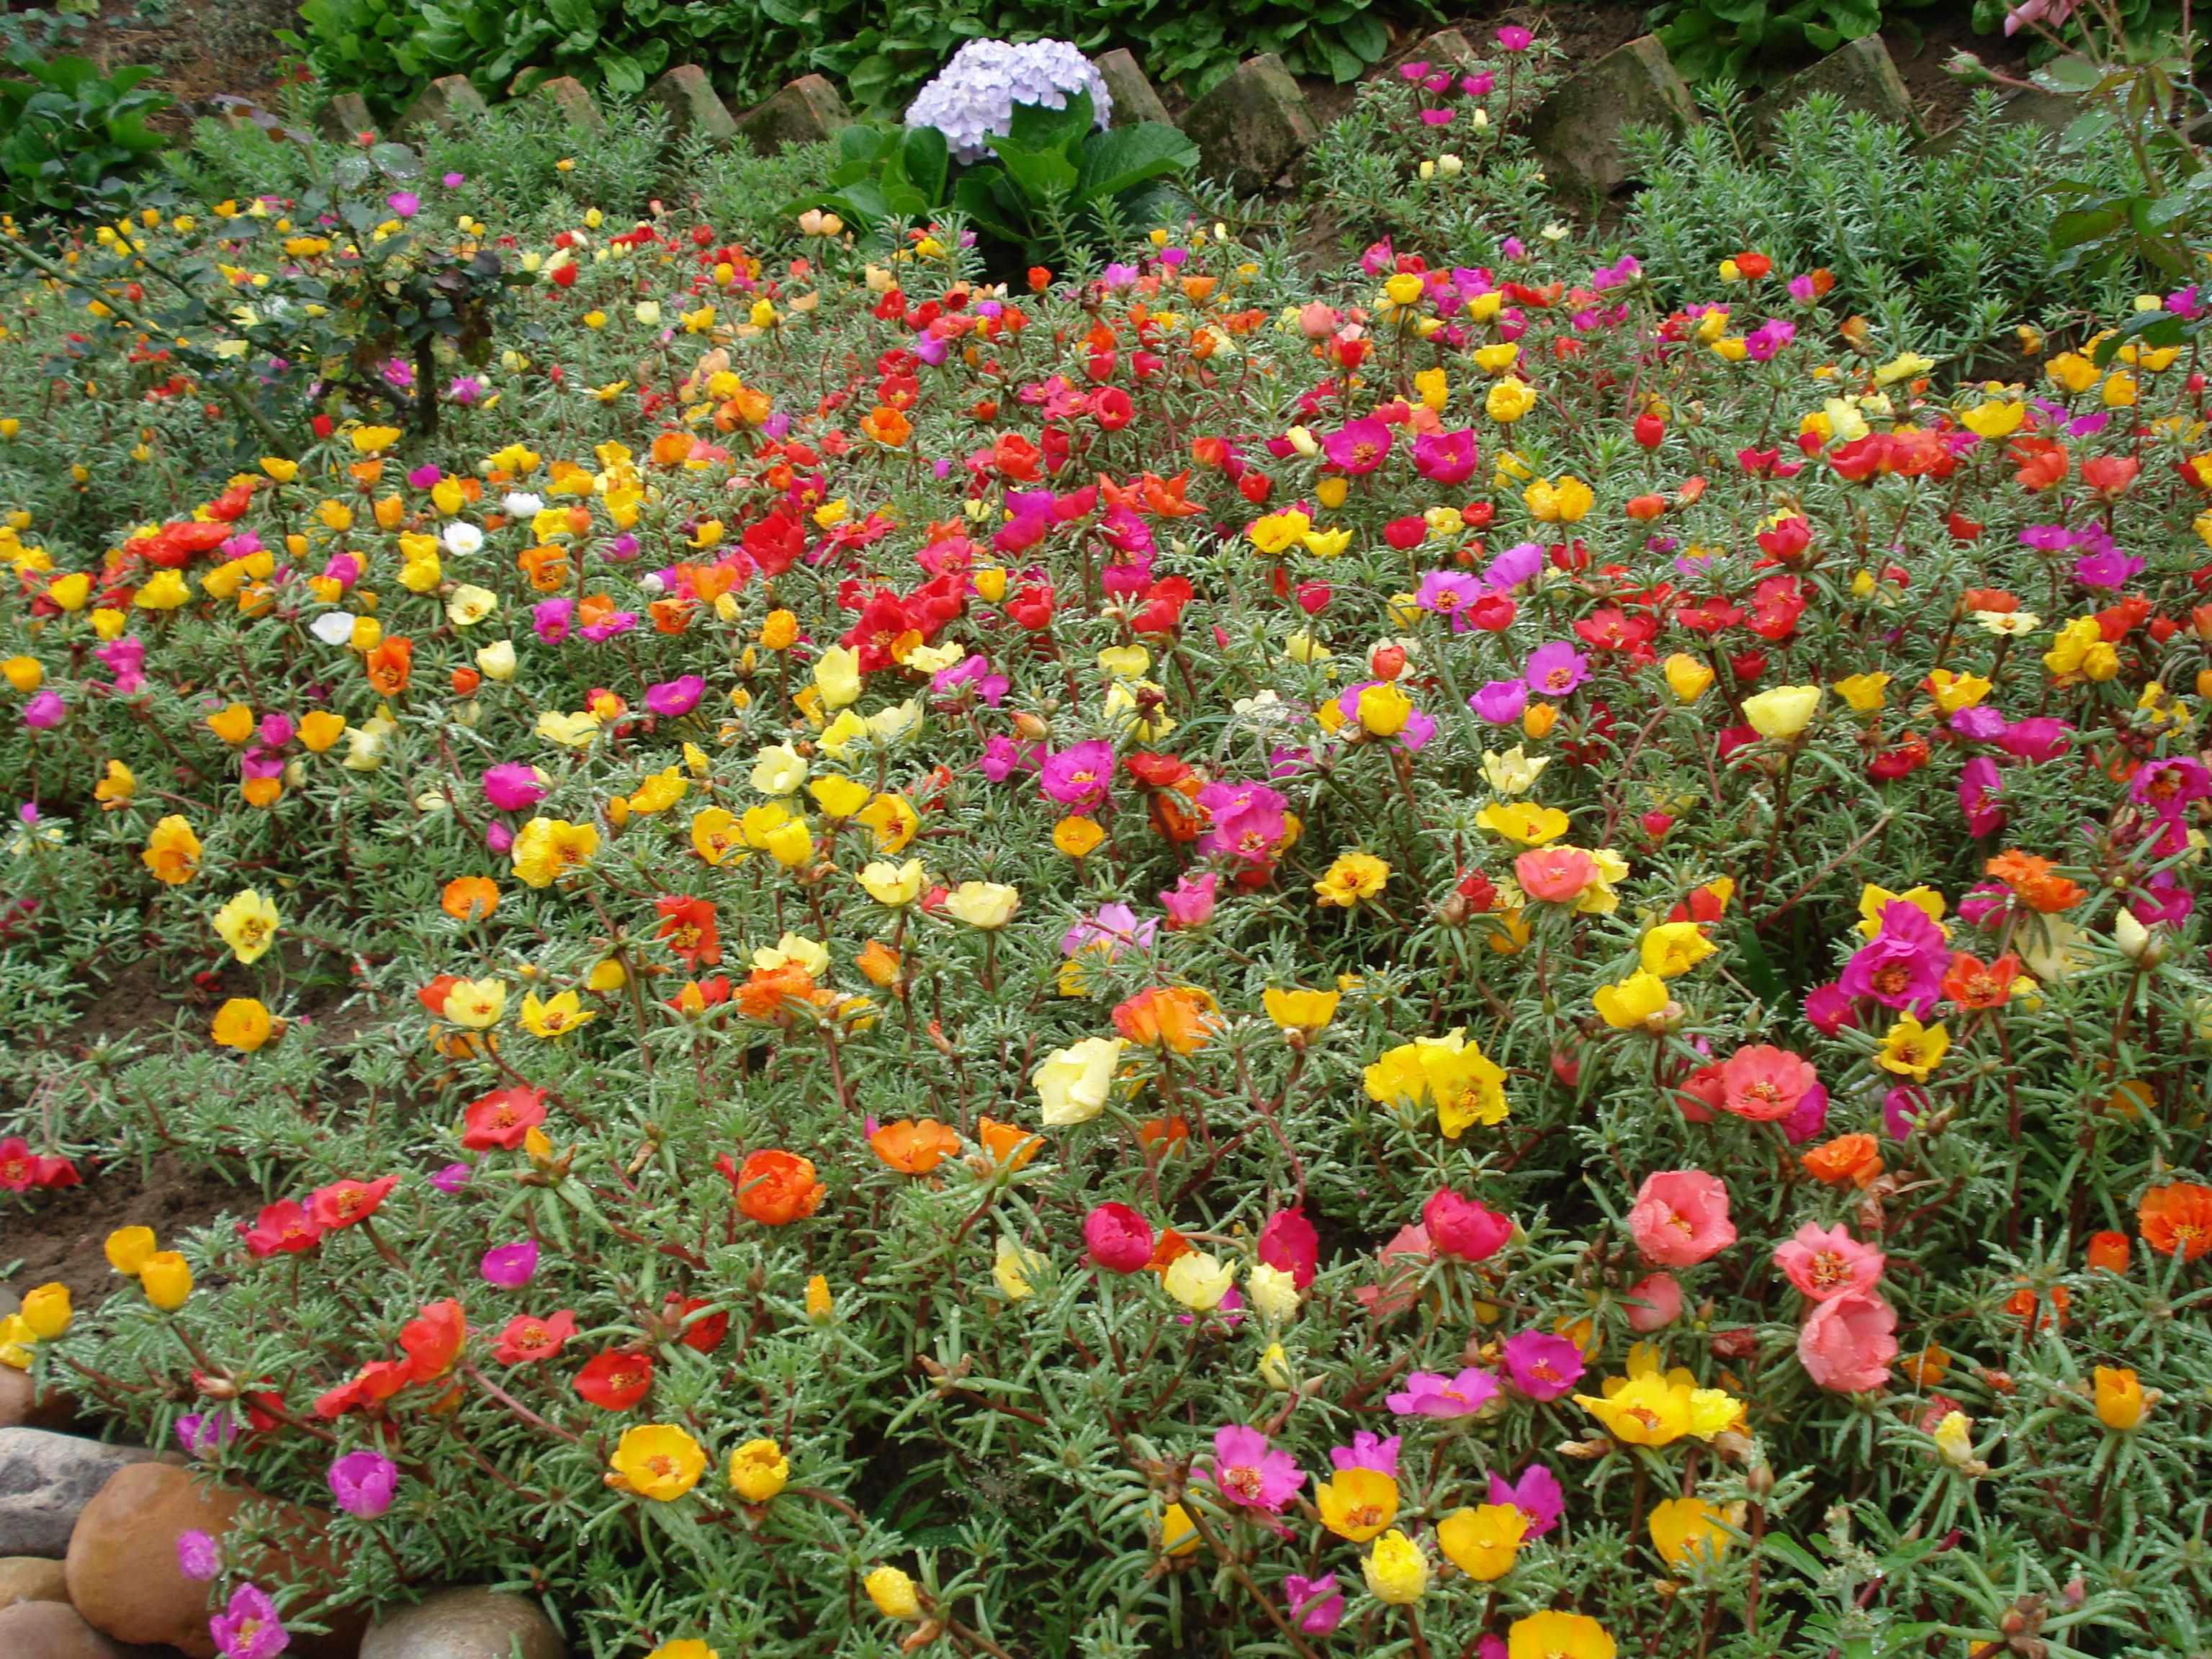 plantas jardim fotos:Tipos de plantas para jardim externo